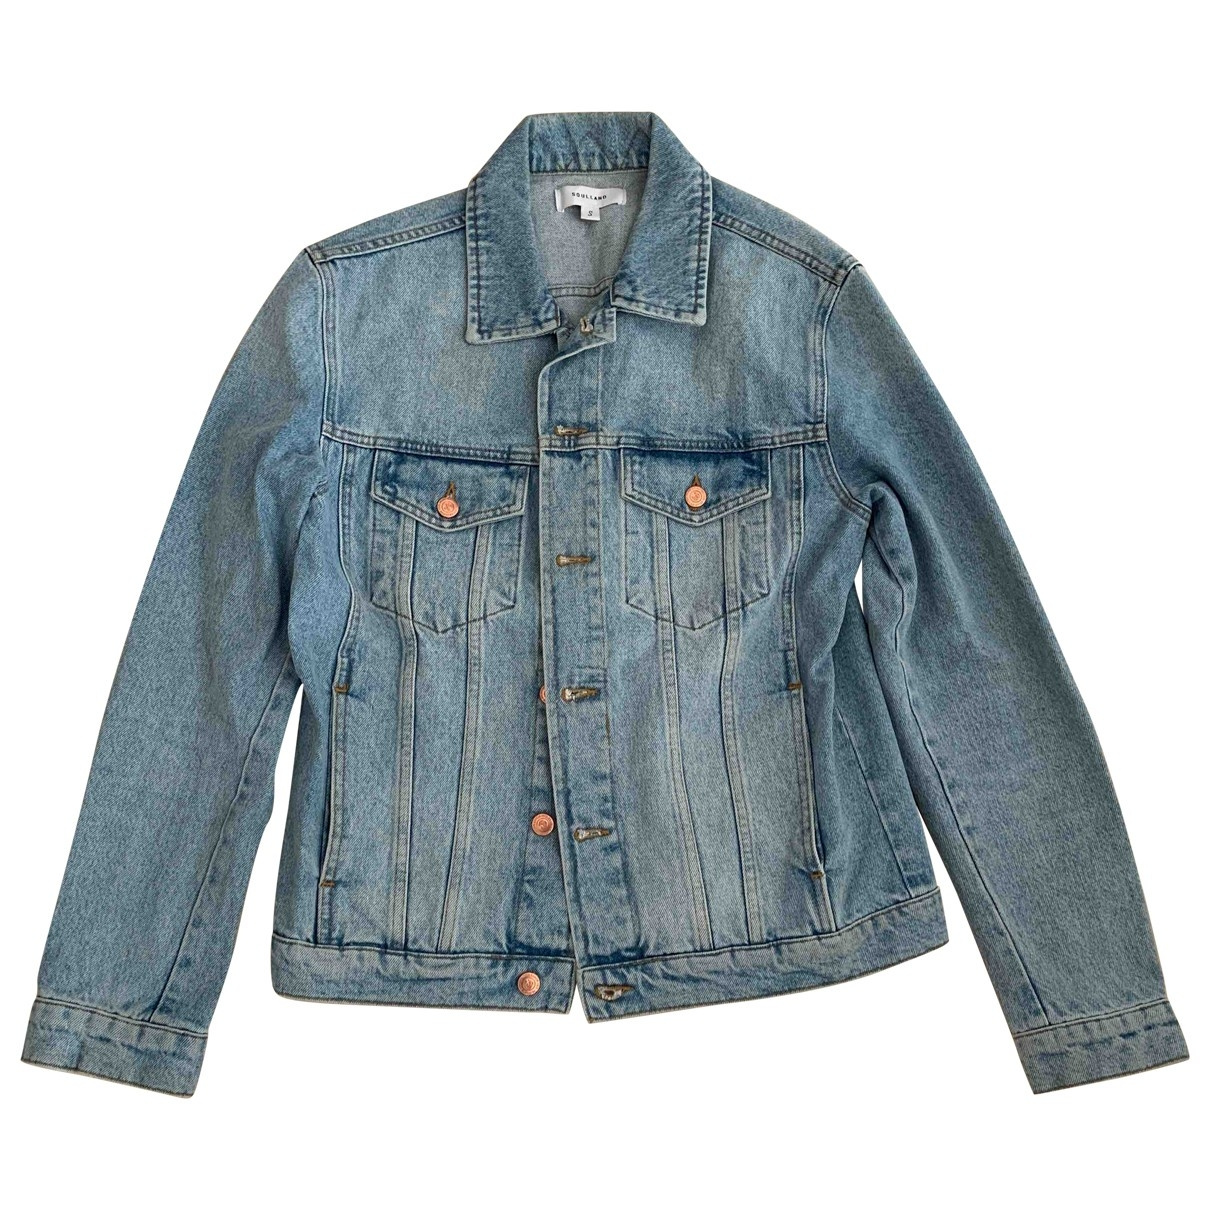 Soulland \N Blue Denim - Jeans jacket  for Men S International